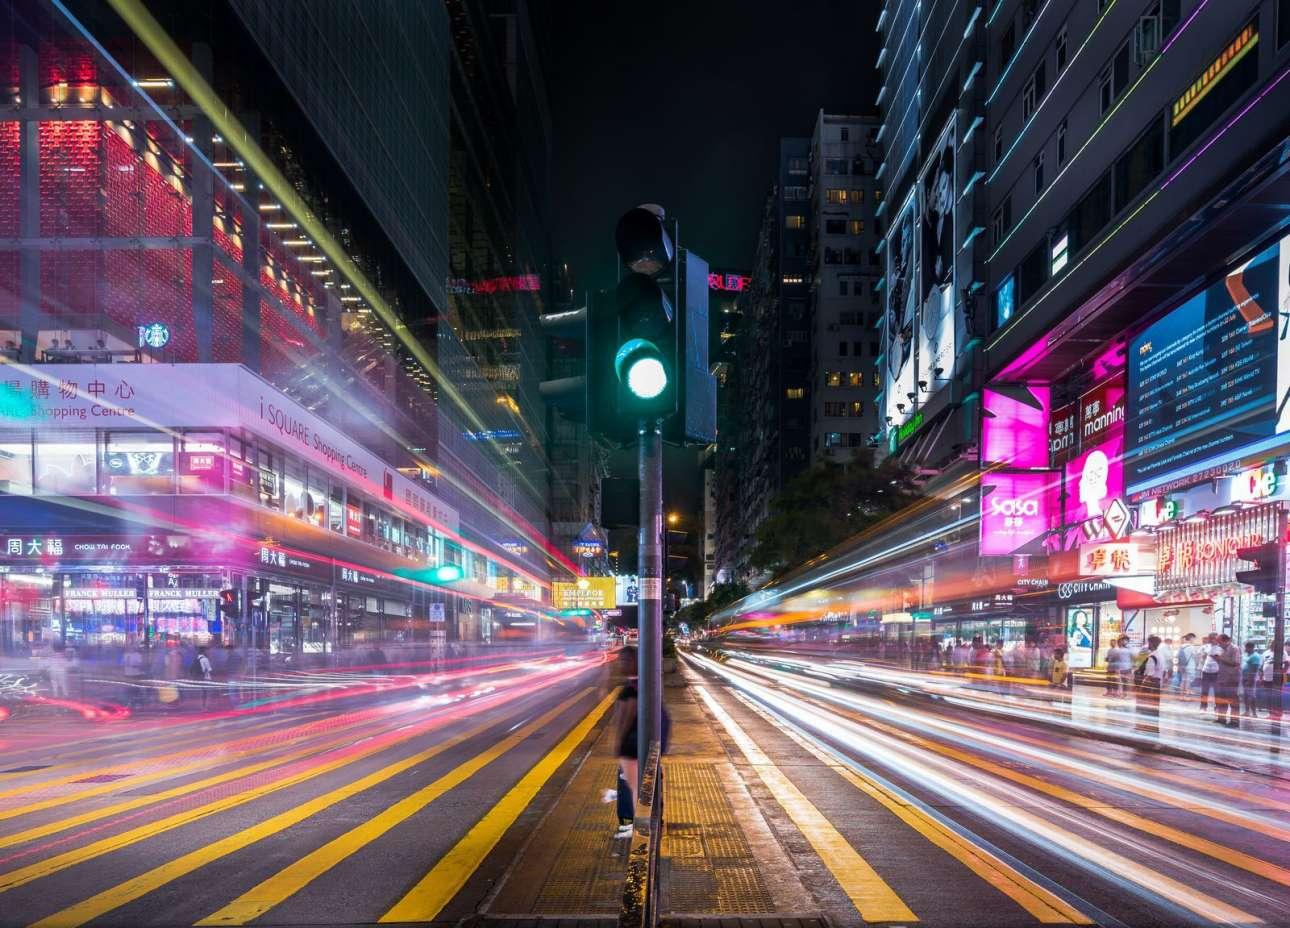 «Ζωηρή βραδιά στο Χονγκ Κονγκ». Με την τεχνική της μακράς έκθεσης, ο κινέζος φωτογράφος αποτυπώνει έναν πολυσύχναστο δρόμο του Χονγκ Κονγκ